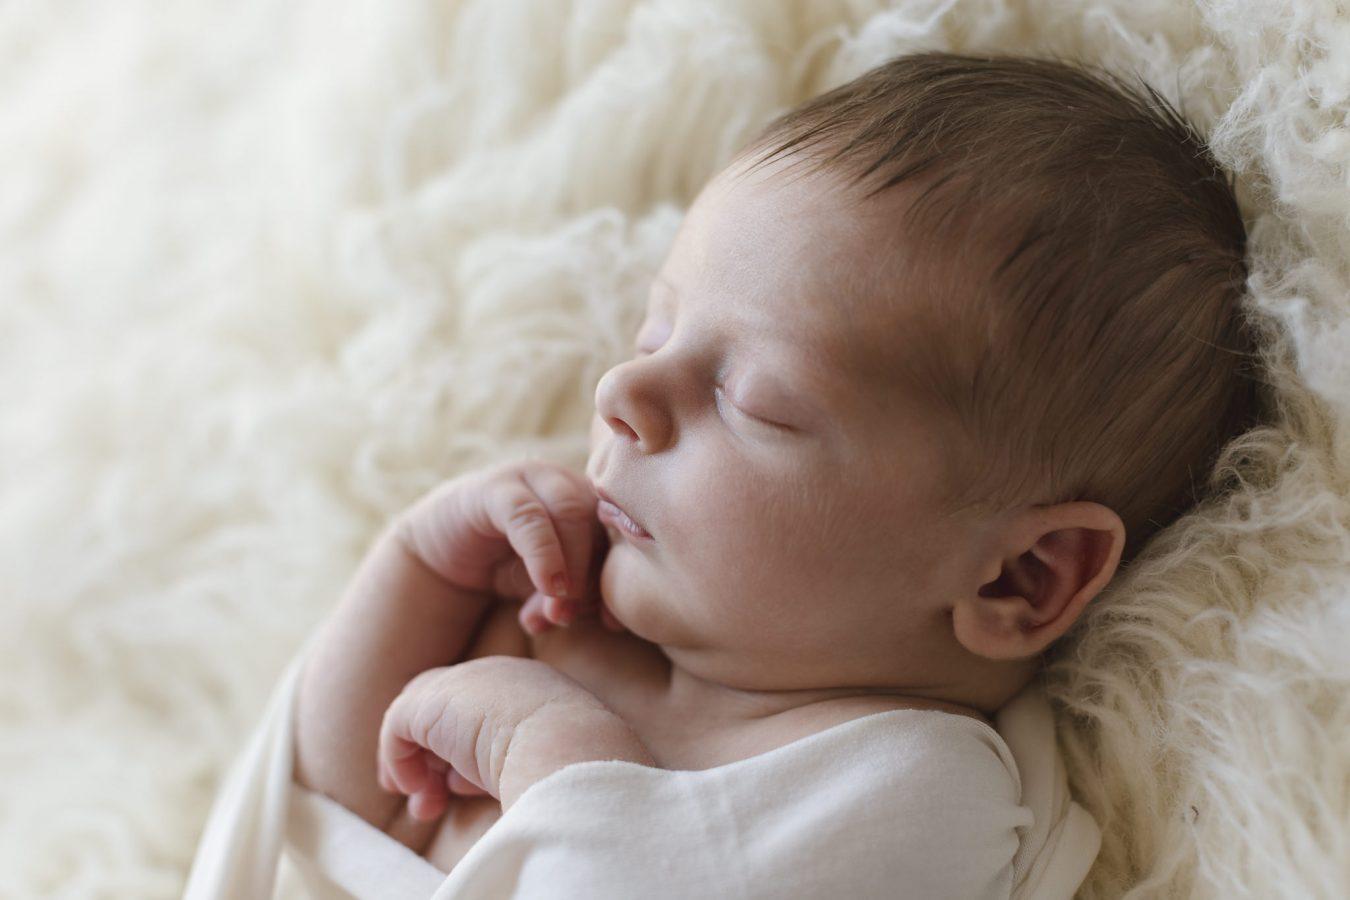 Babyfotograf Hamburg - Baby liegt auf Flokati und schläft